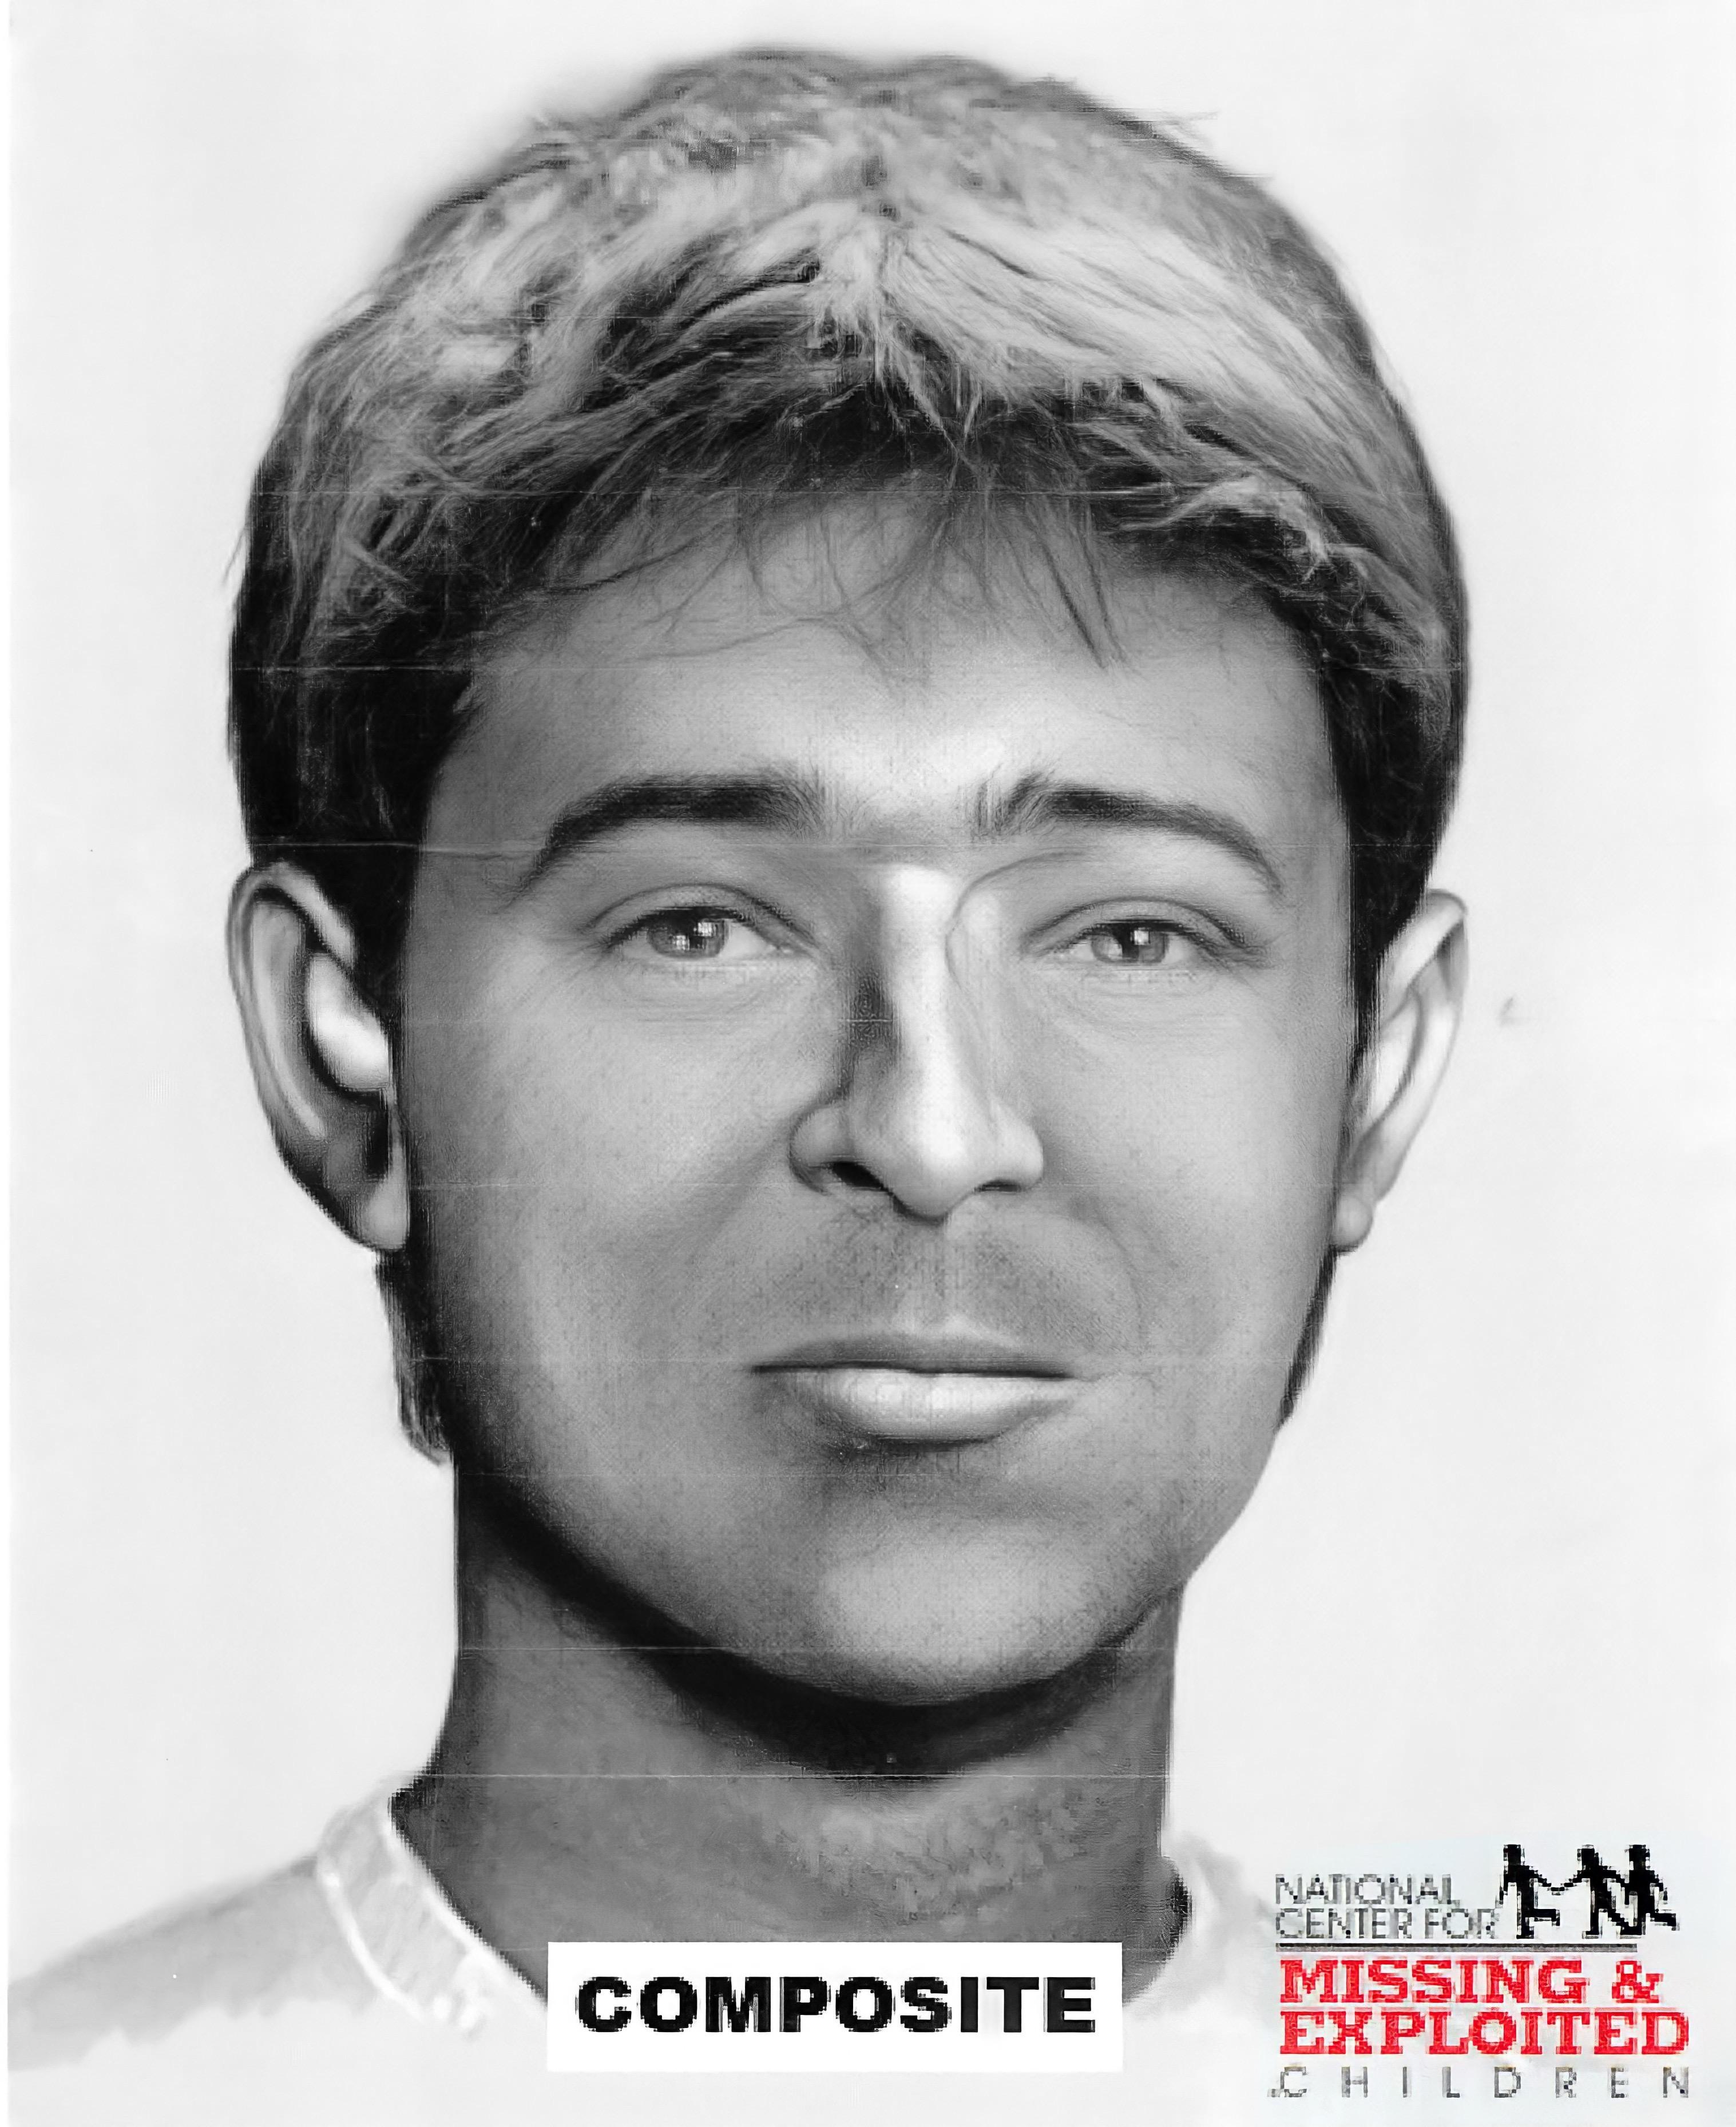 Oconee County John Doe (2004)